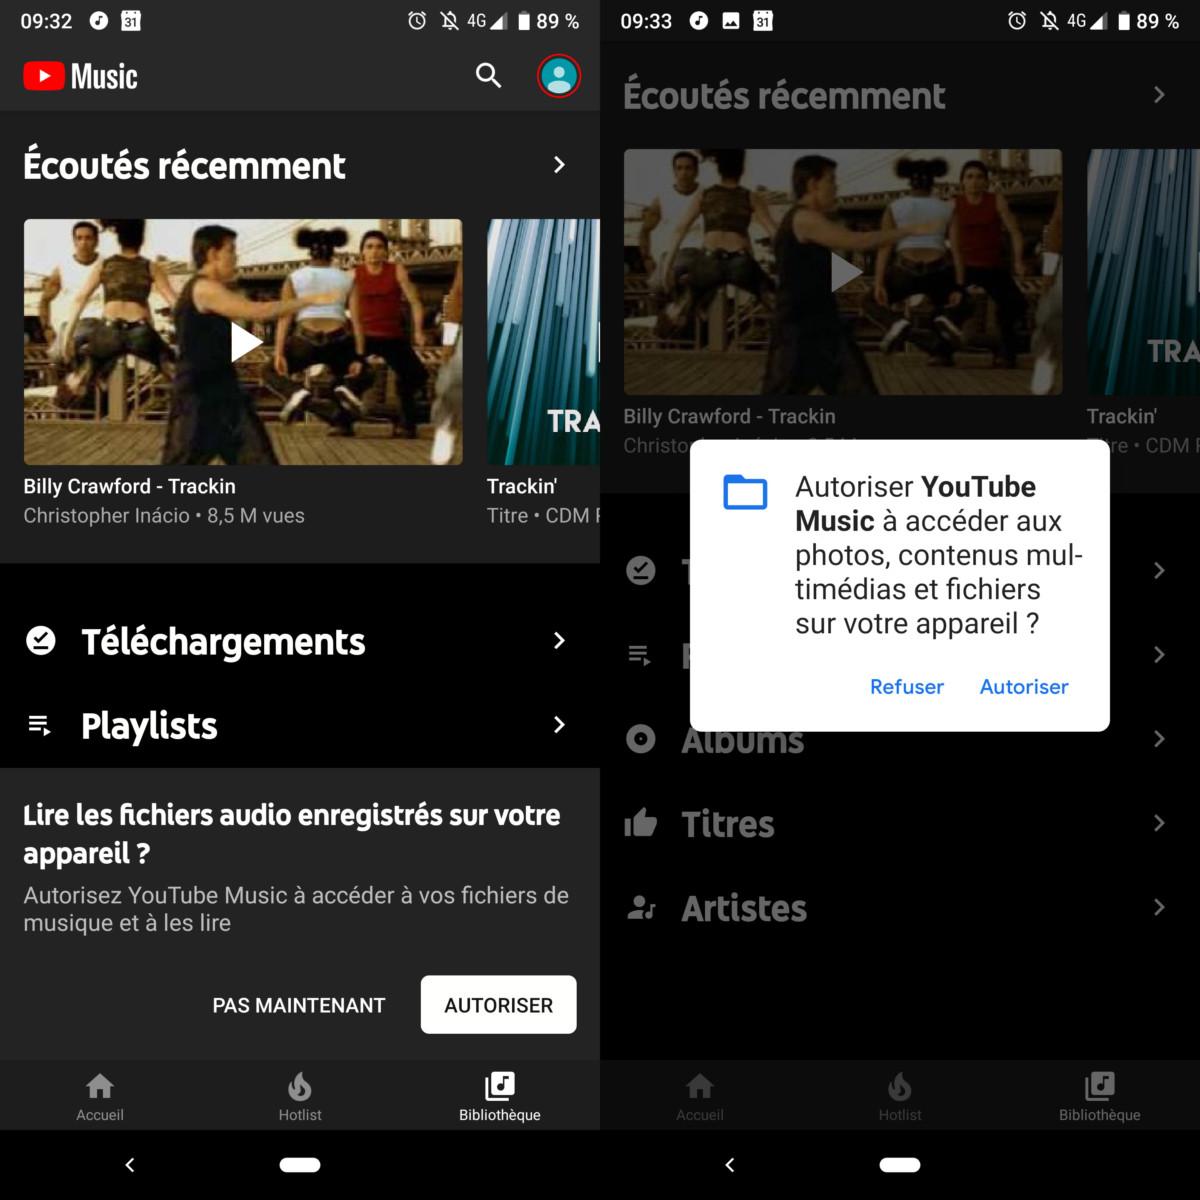 YouTube Music : la lecture de fichiers locaux est disponible, mais avec quelques limites